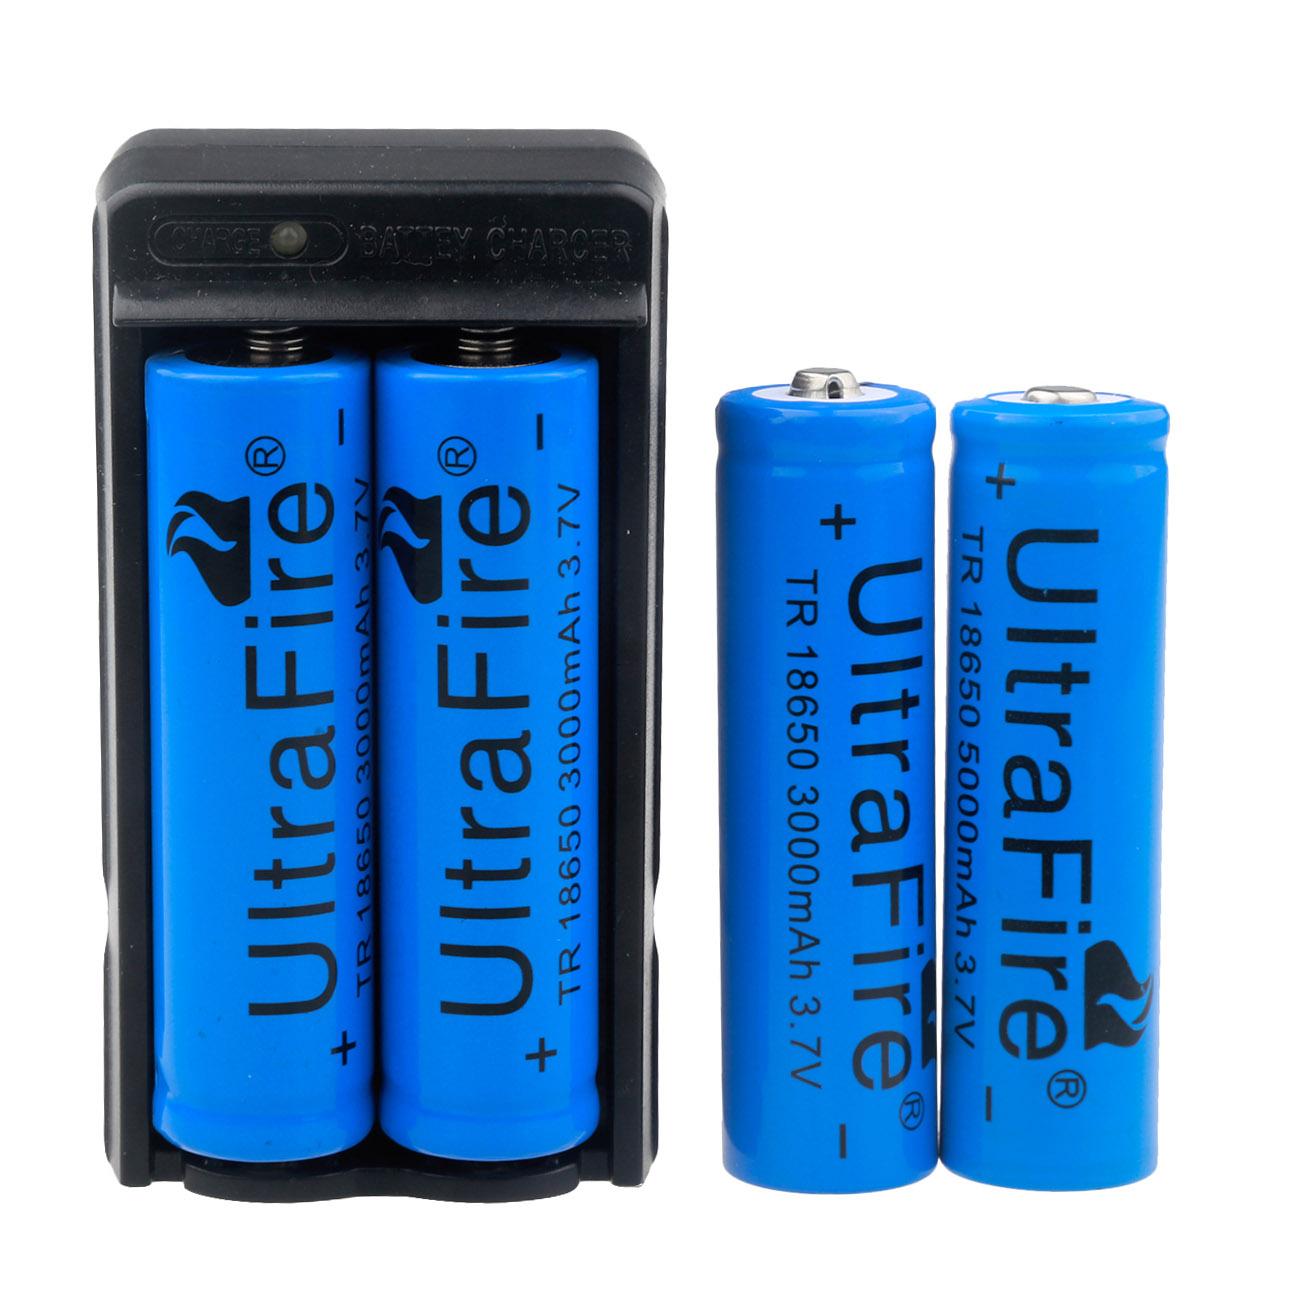 ultrafire 3 7v 2400mah 18650 battery w charger ebay. Black Bedroom Furniture Sets. Home Design Ideas